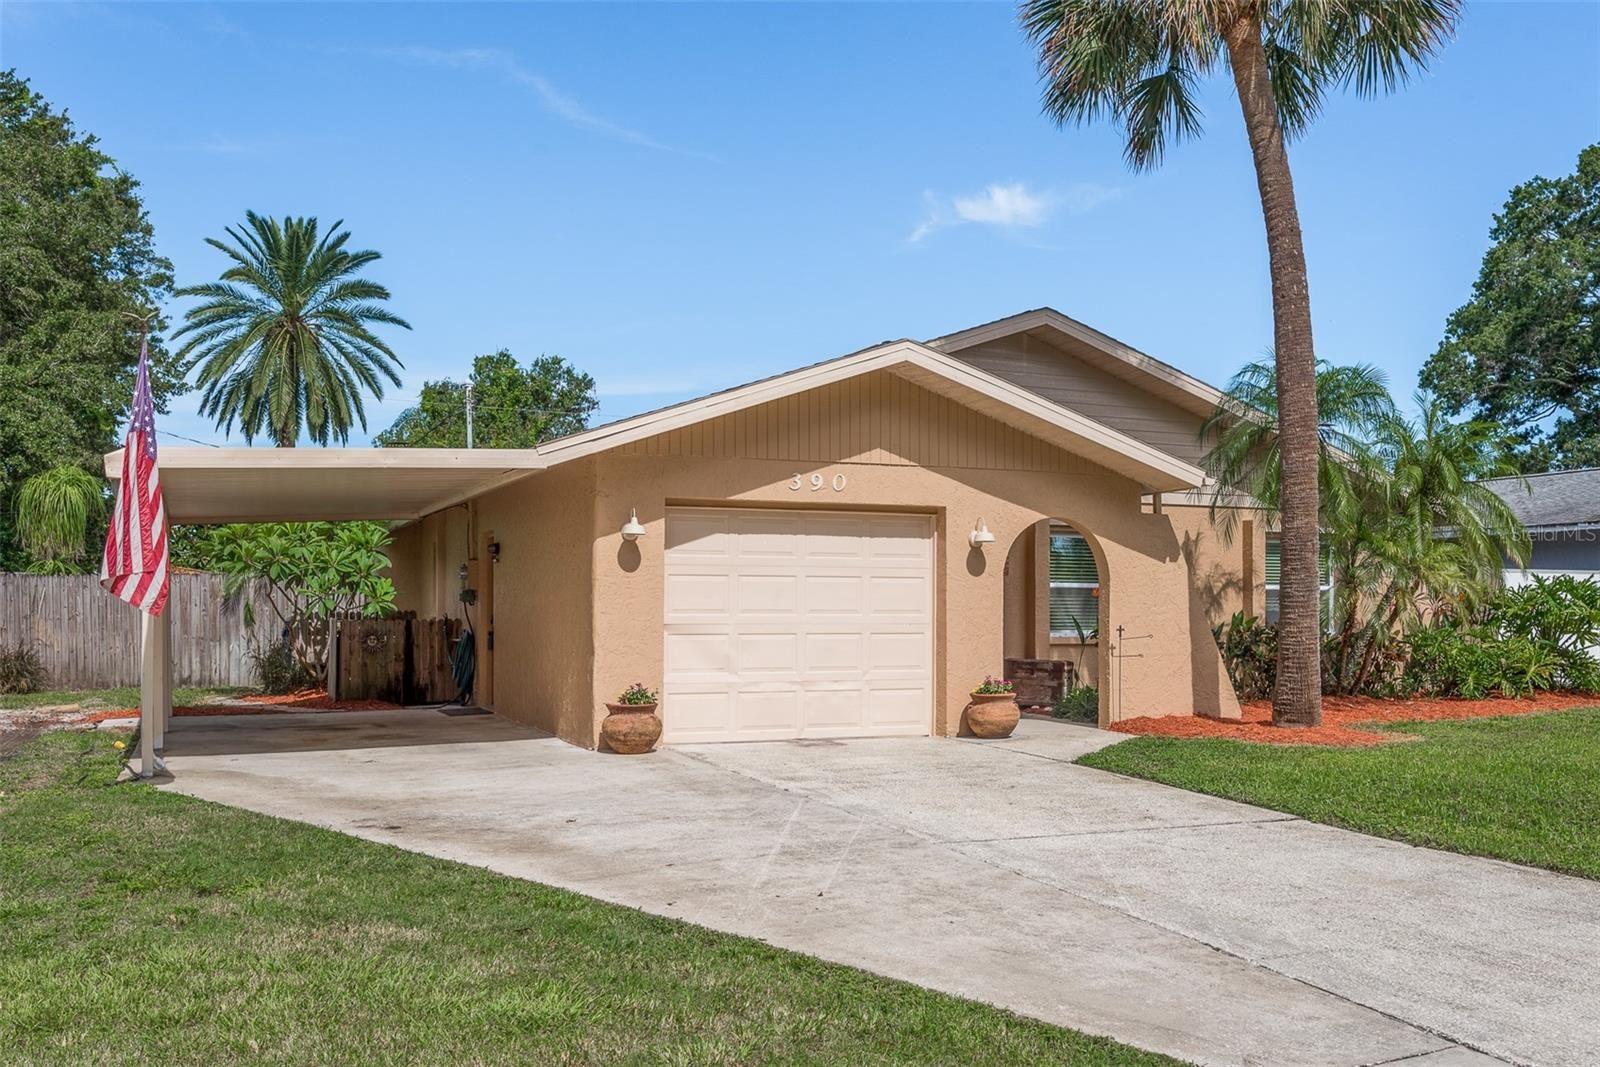 390 PLUMOSA DRIVE, Largo, FL 33771 - MLS#: U8130830